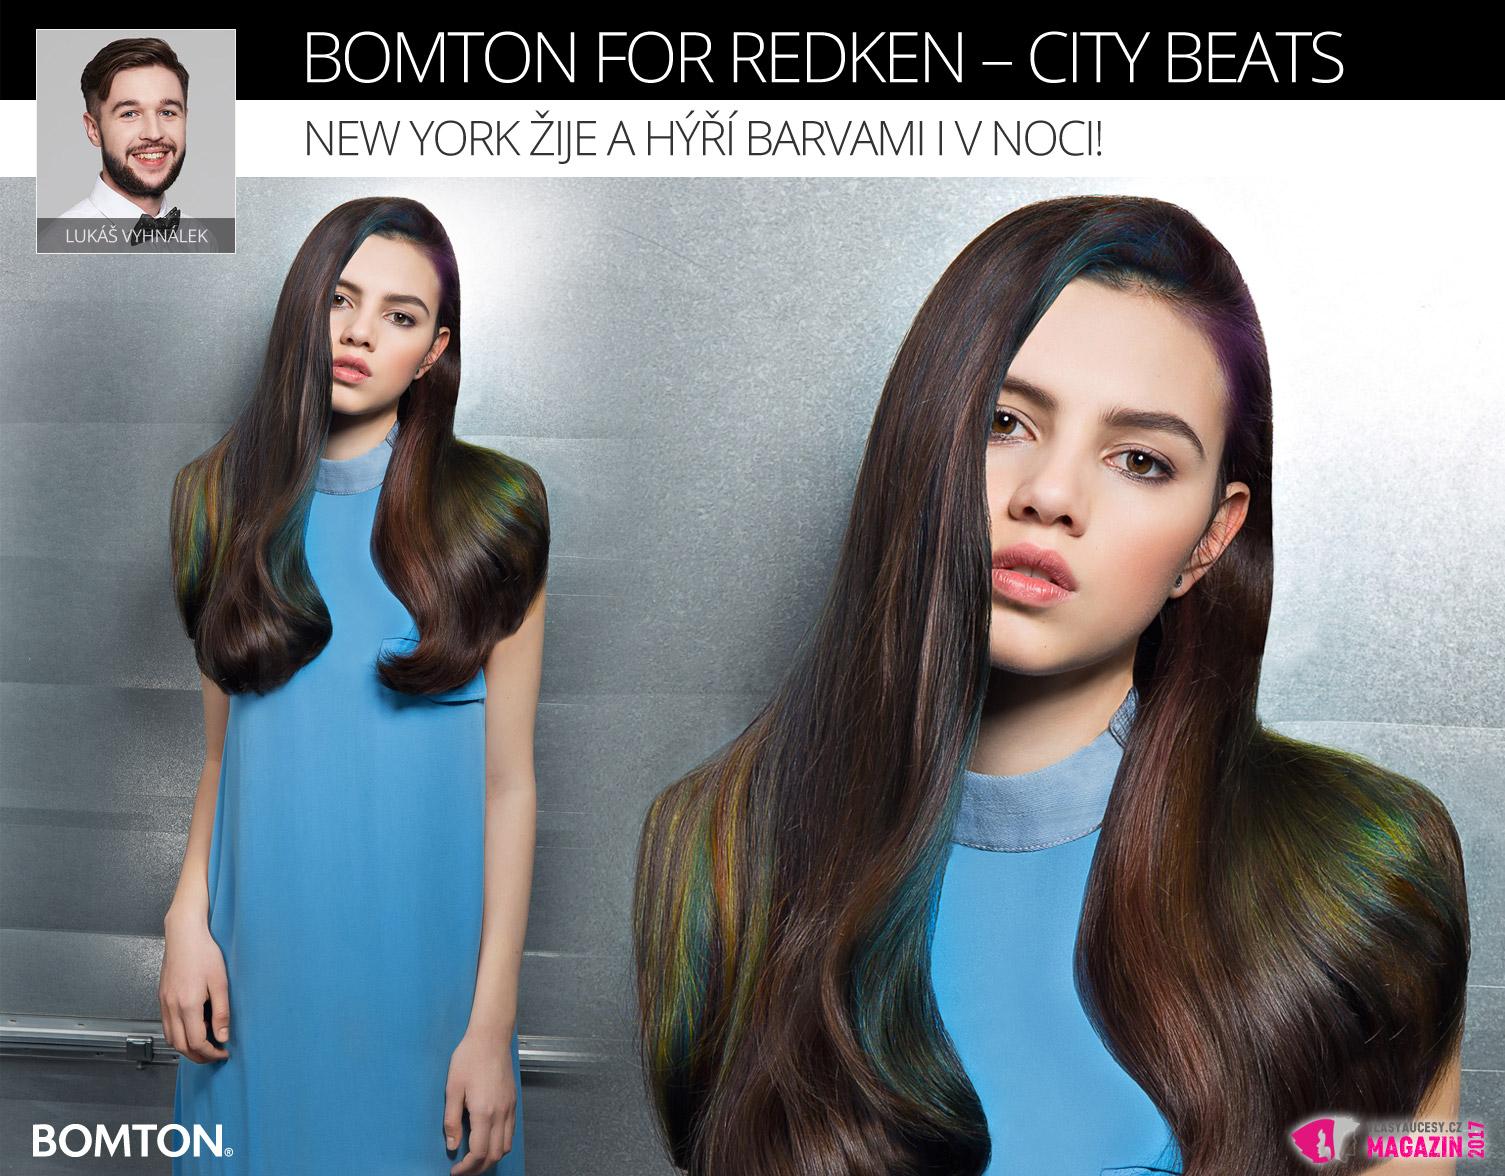 Účes Lukáše Vyhnálka z kolekce Bomton for Redken – City Beats.